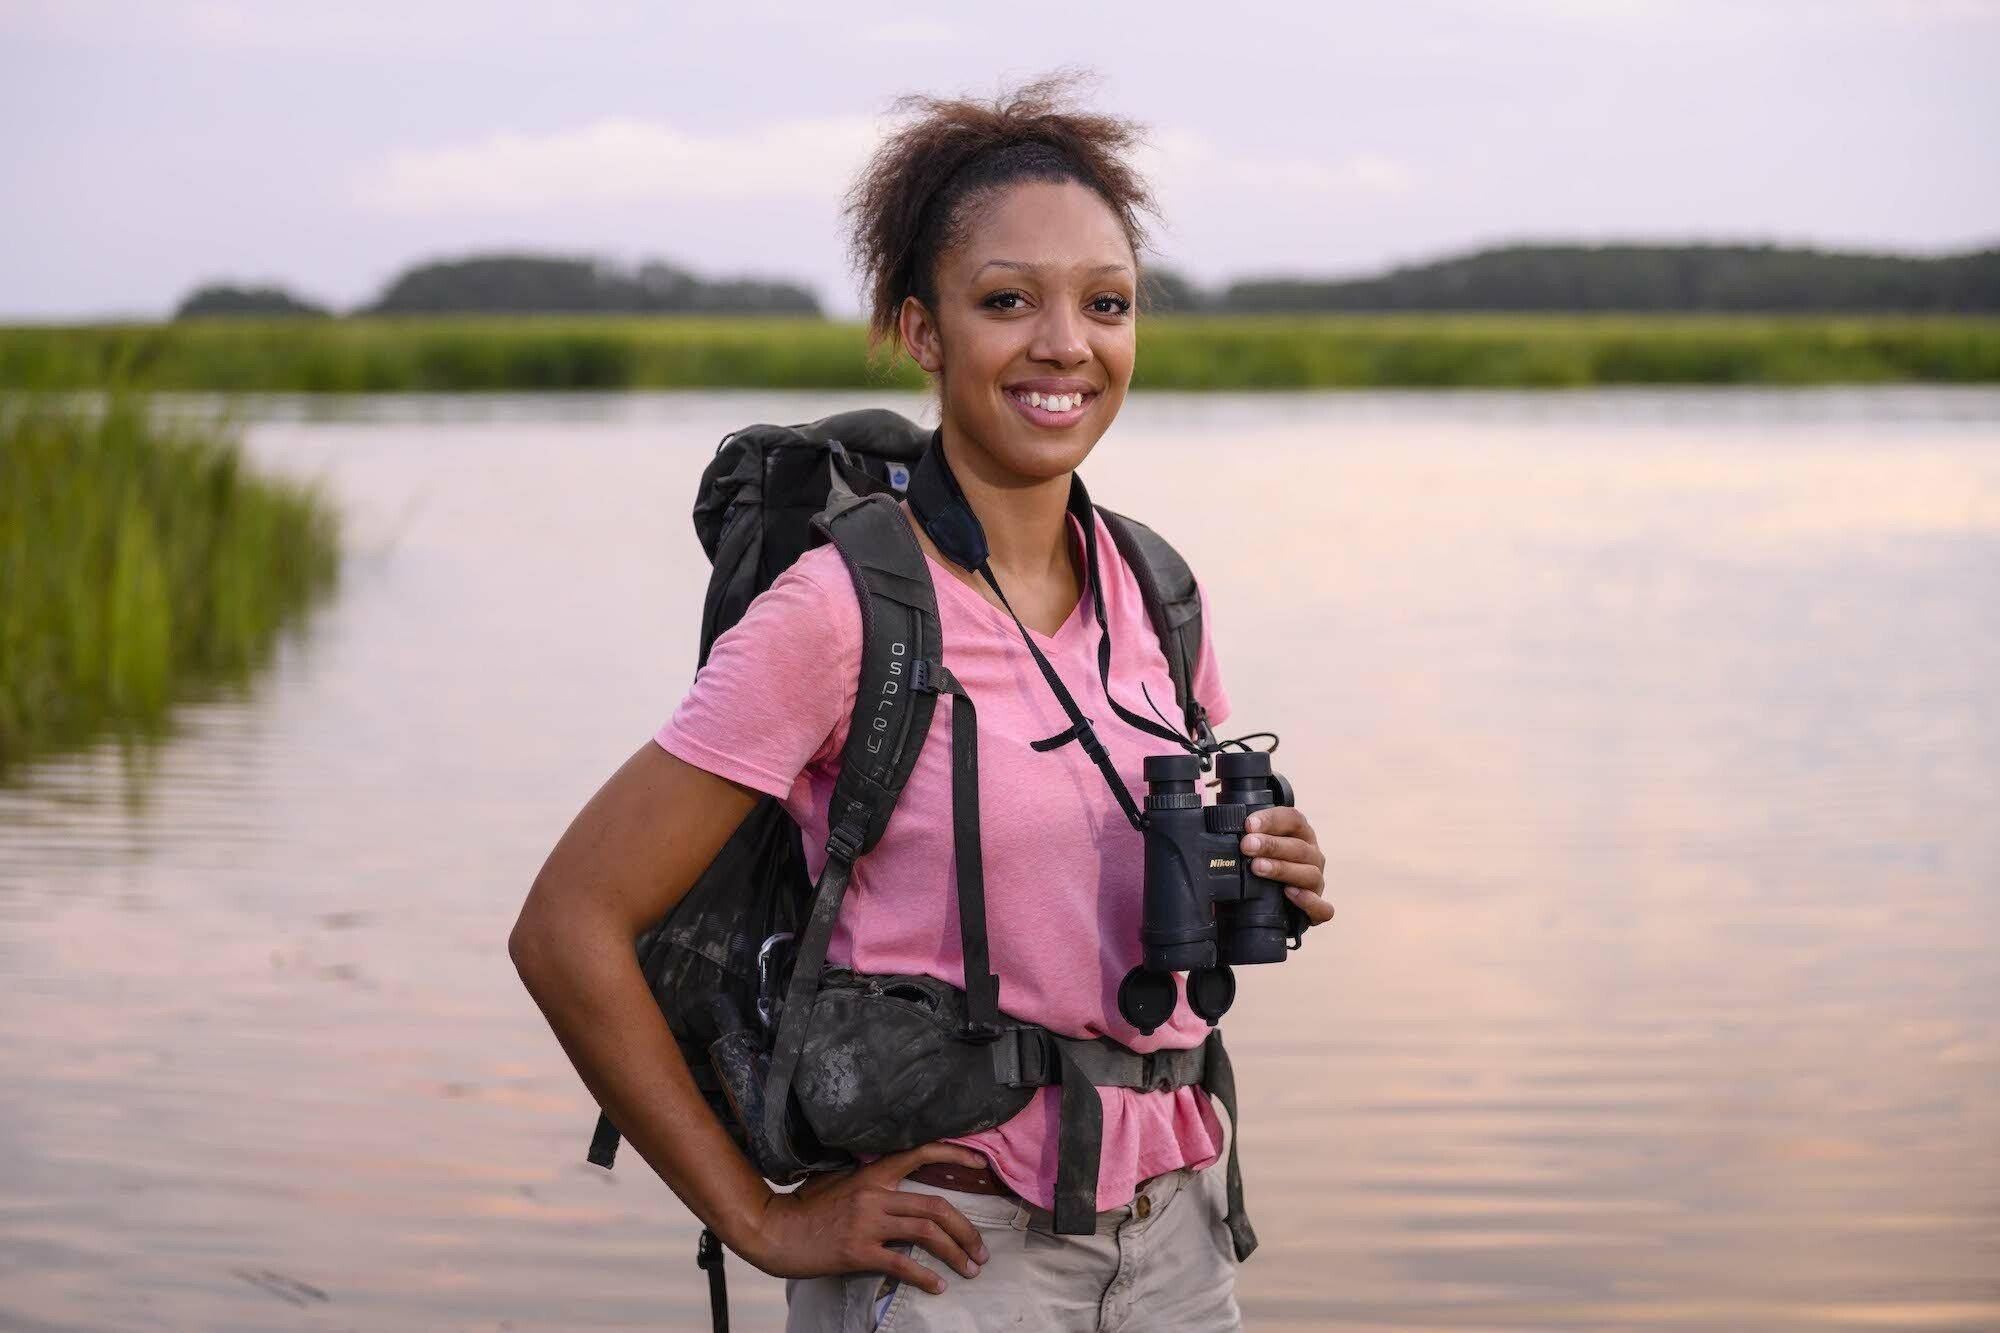 Zu sehen ist Corina Newsome mit einem Fernglas um den Hals in der Natur, vor einem Gewässer.